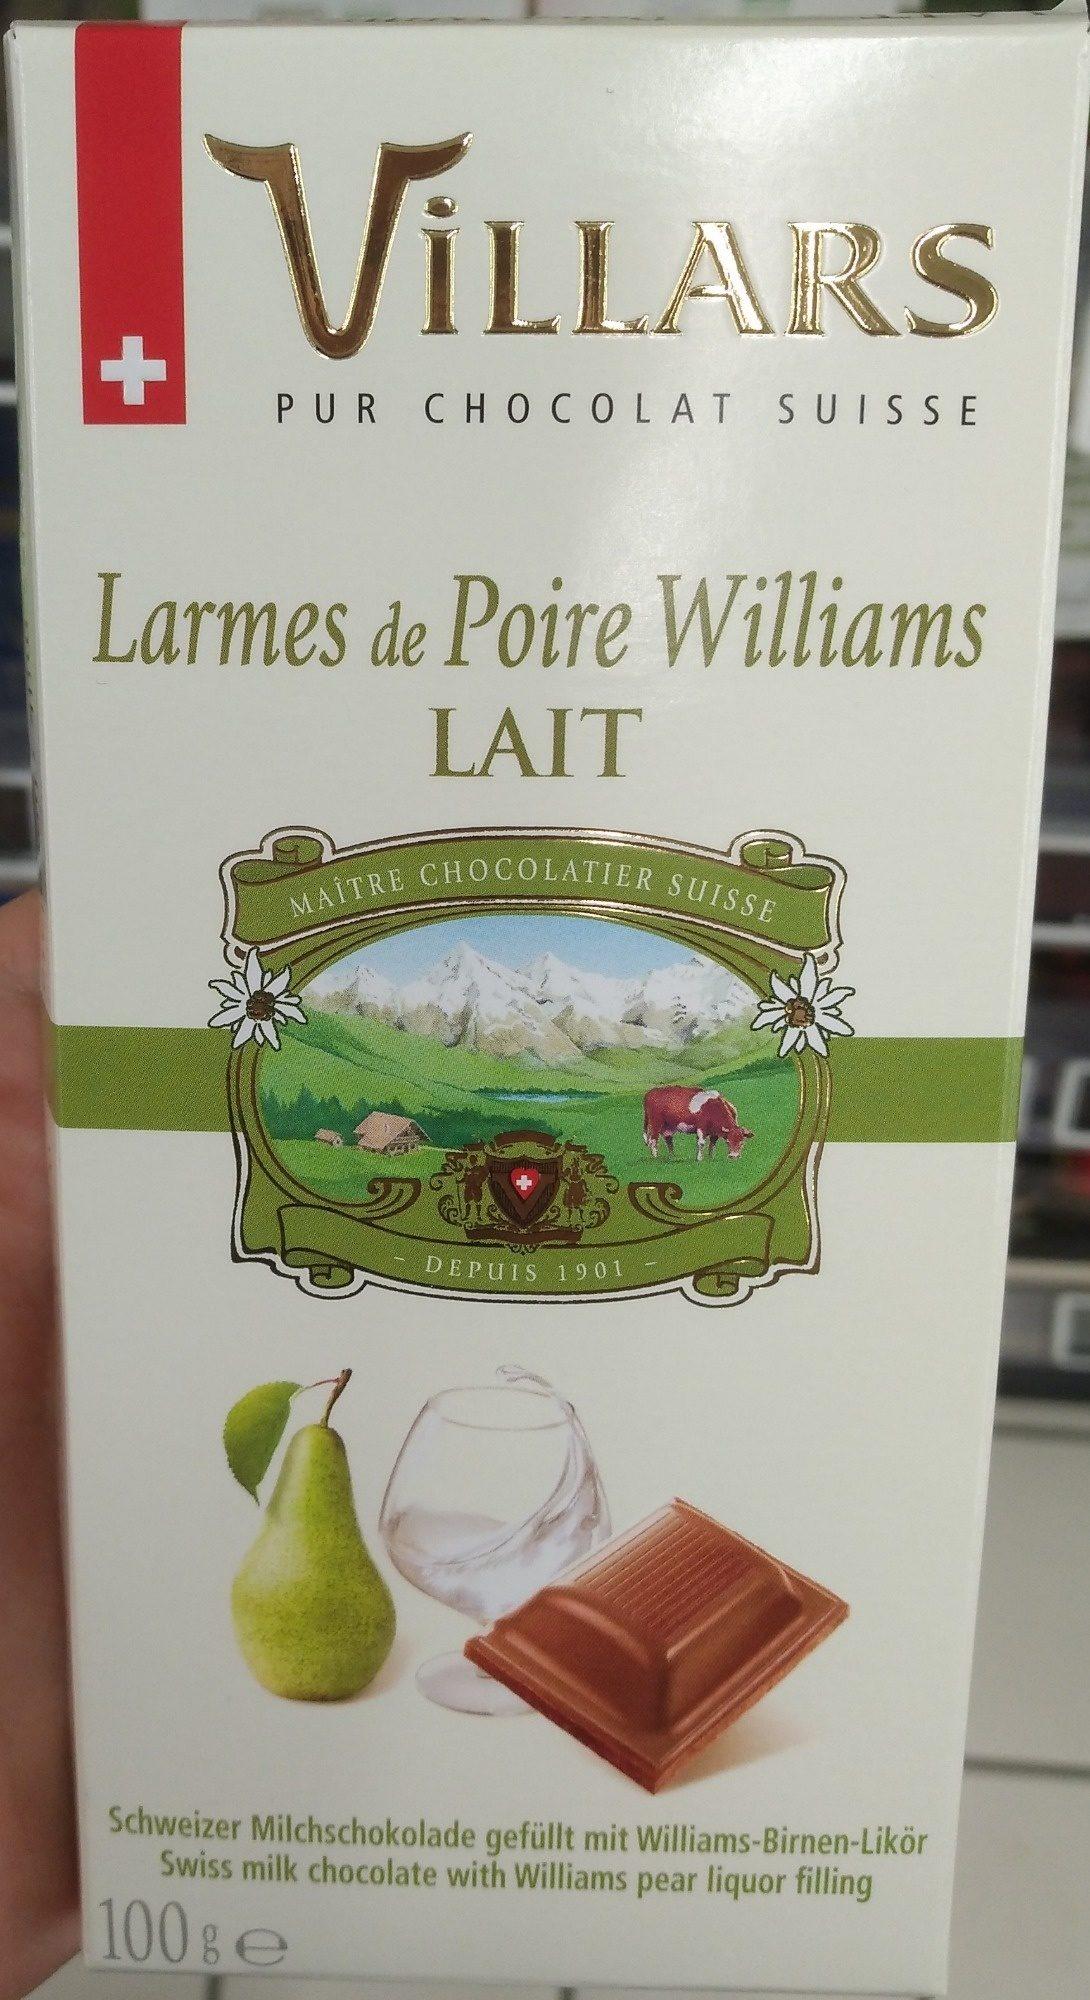 Larmes de Poire Williams LAIT - Produit - fr